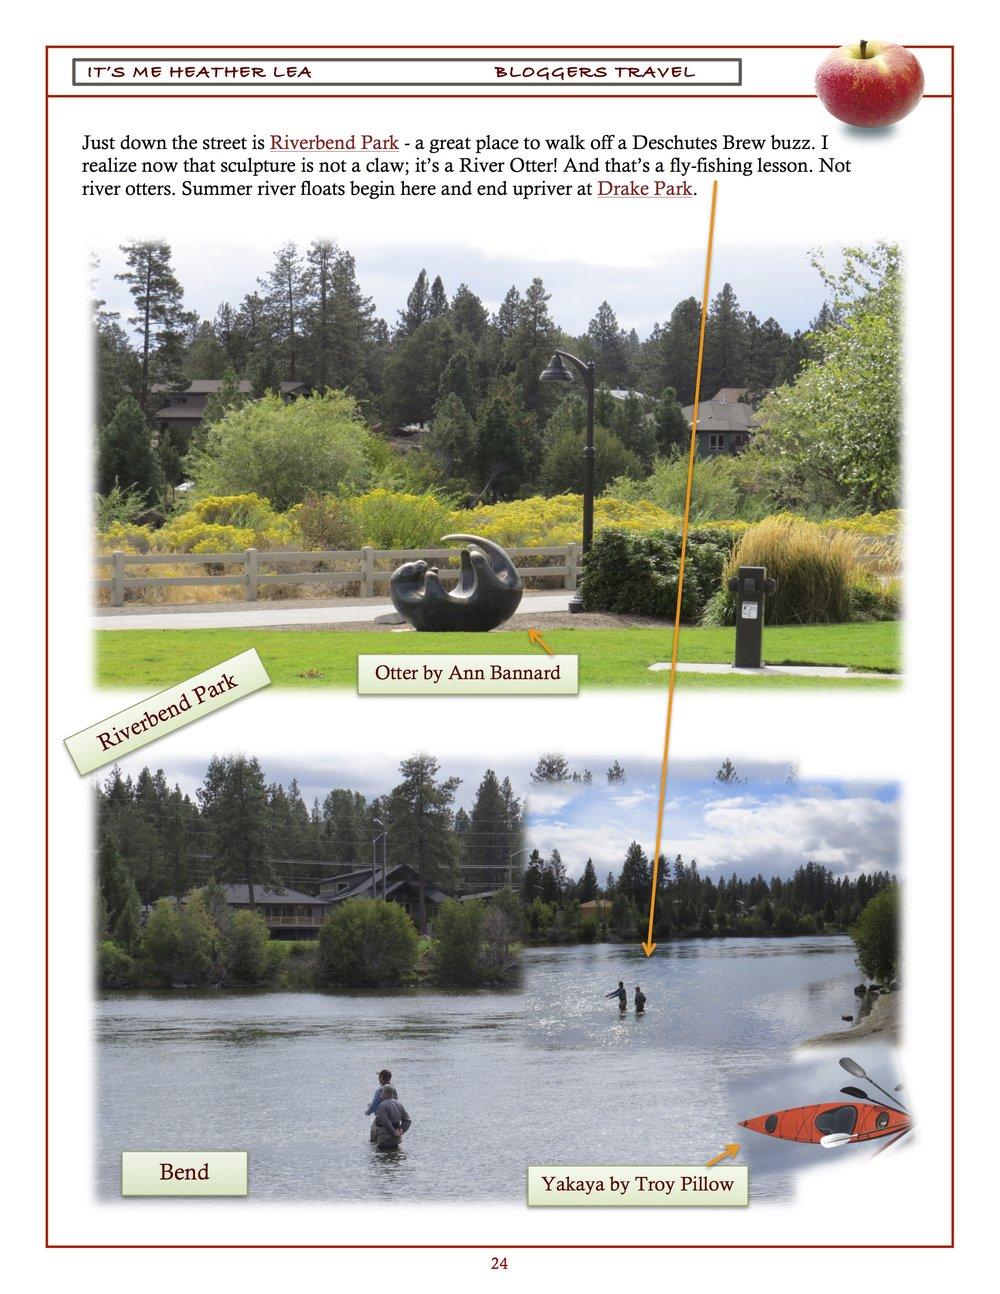 CO Trip Newsletter Revised 24.jpg